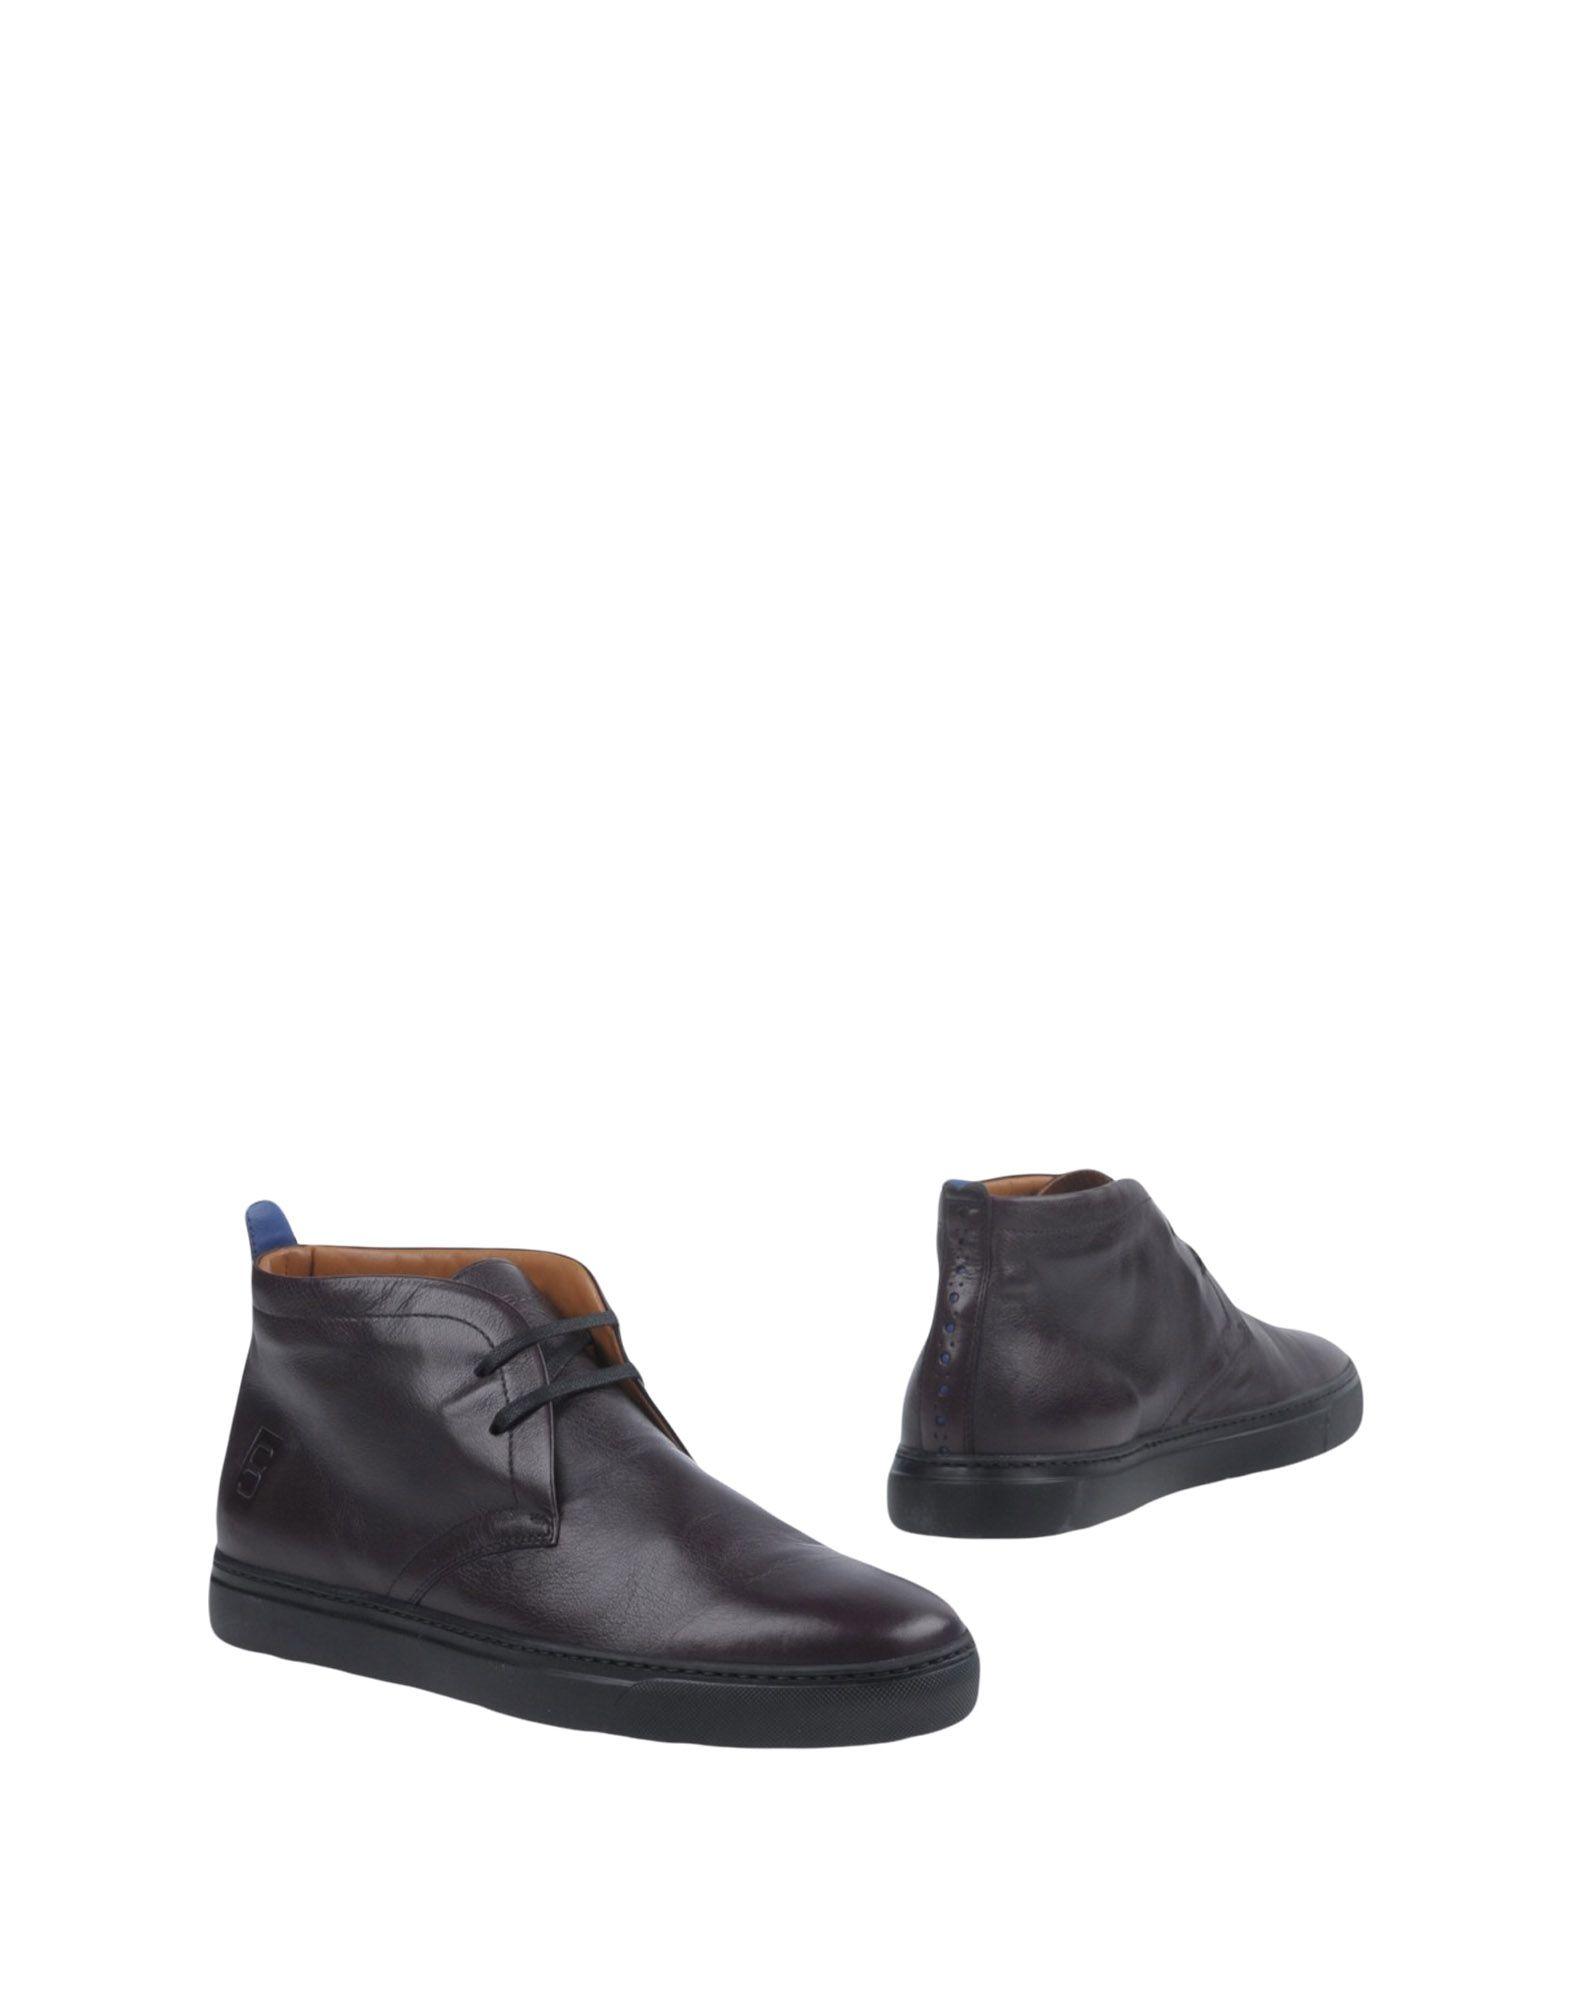 Cappelletti Stiefelette Schuhe Herren  11389893EH Heiße Schuhe Stiefelette b39646